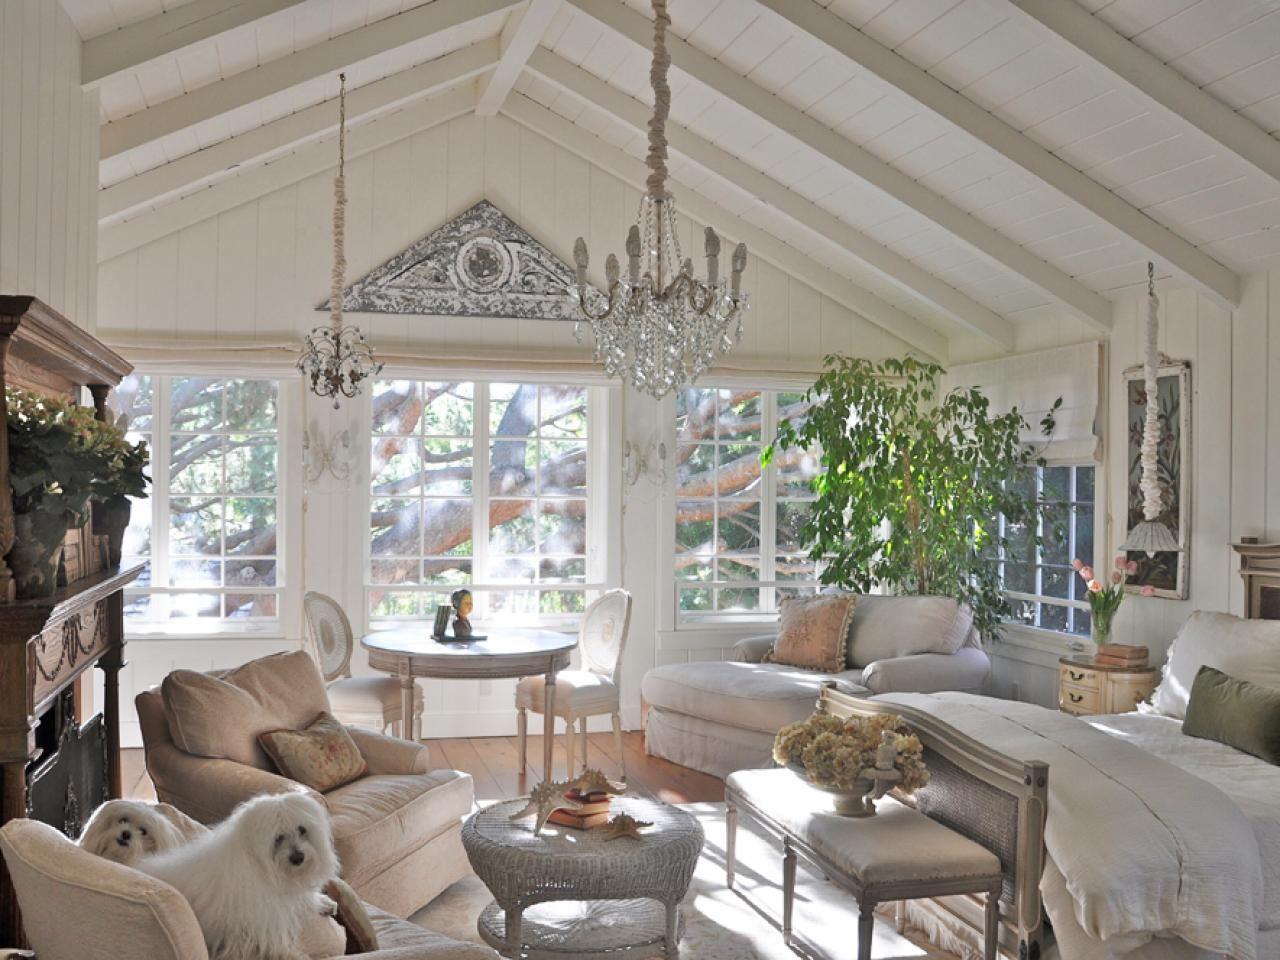 Cottage Decorating Ideas Wood CeilingsVaulted